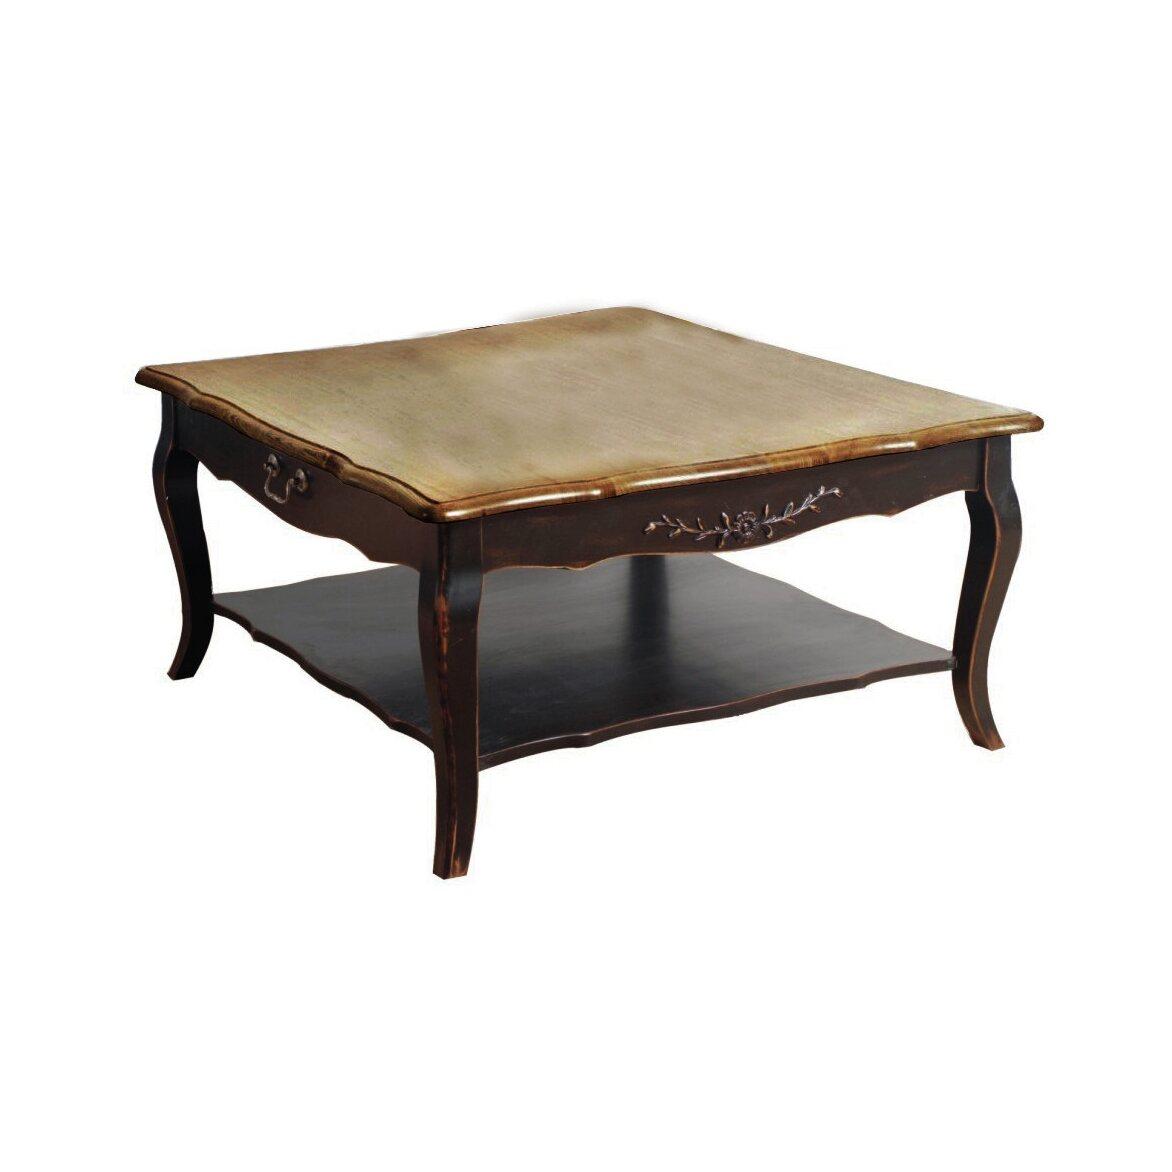 Квадратный низкий чайный столик Leontina, черного цвета 6 | Журнальные столики Kingsby